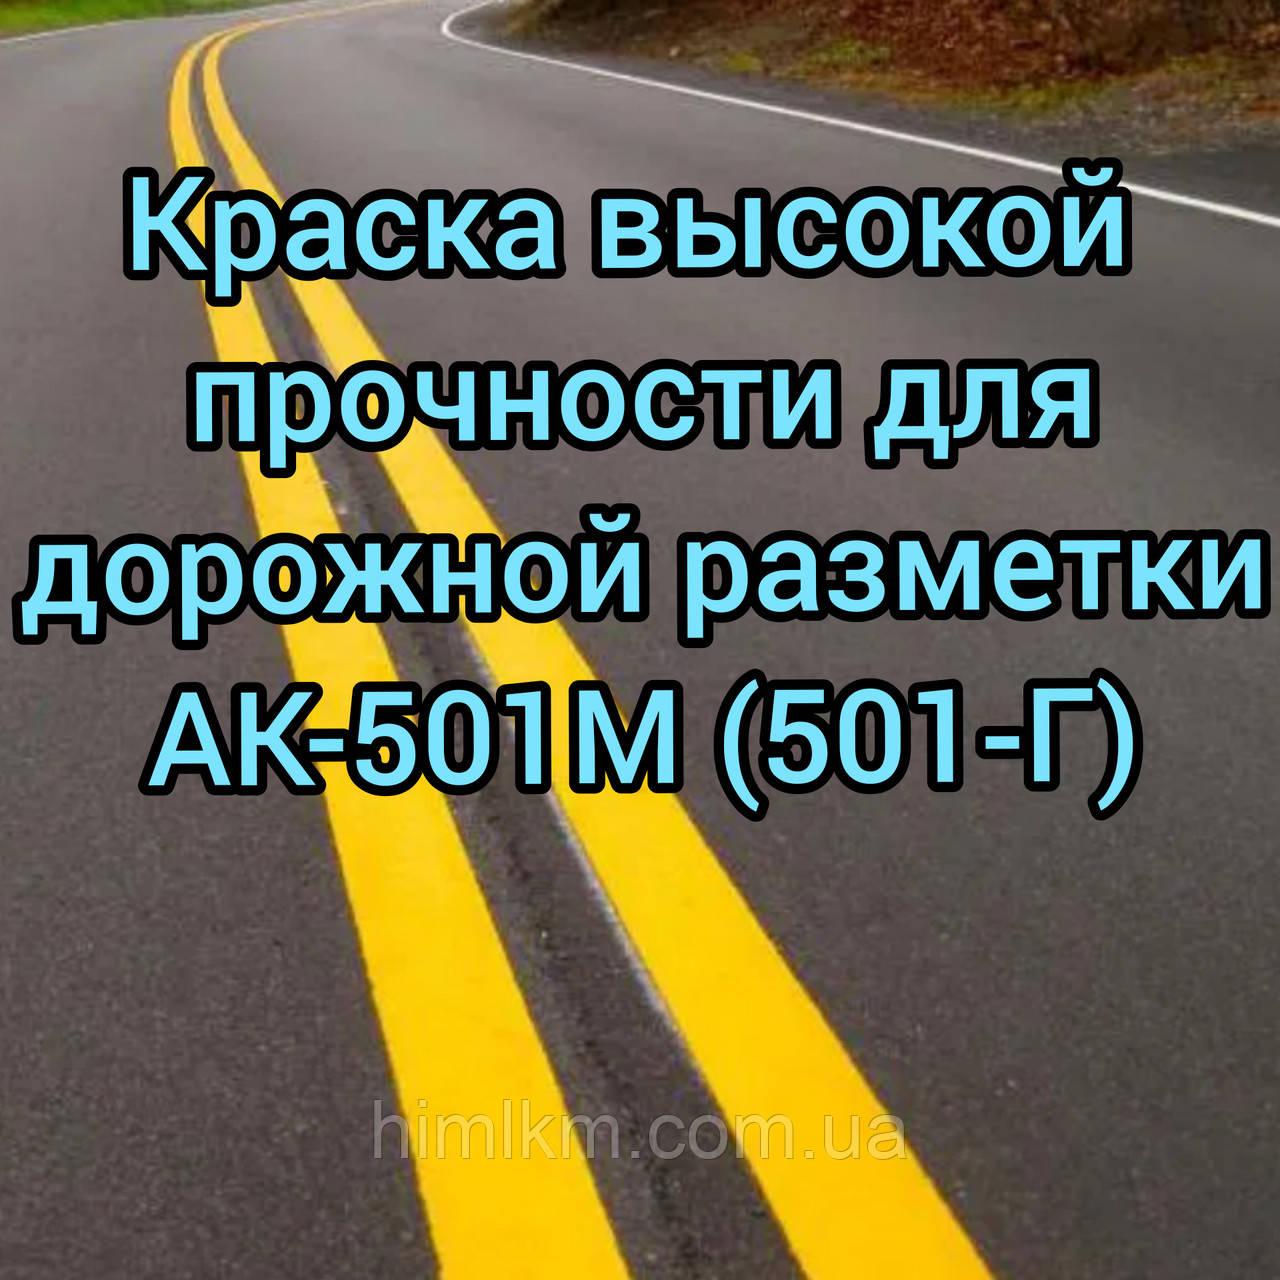 Краска АК-501М маркировочная высокой прочности для разметки проезжей части дорог, 25кг